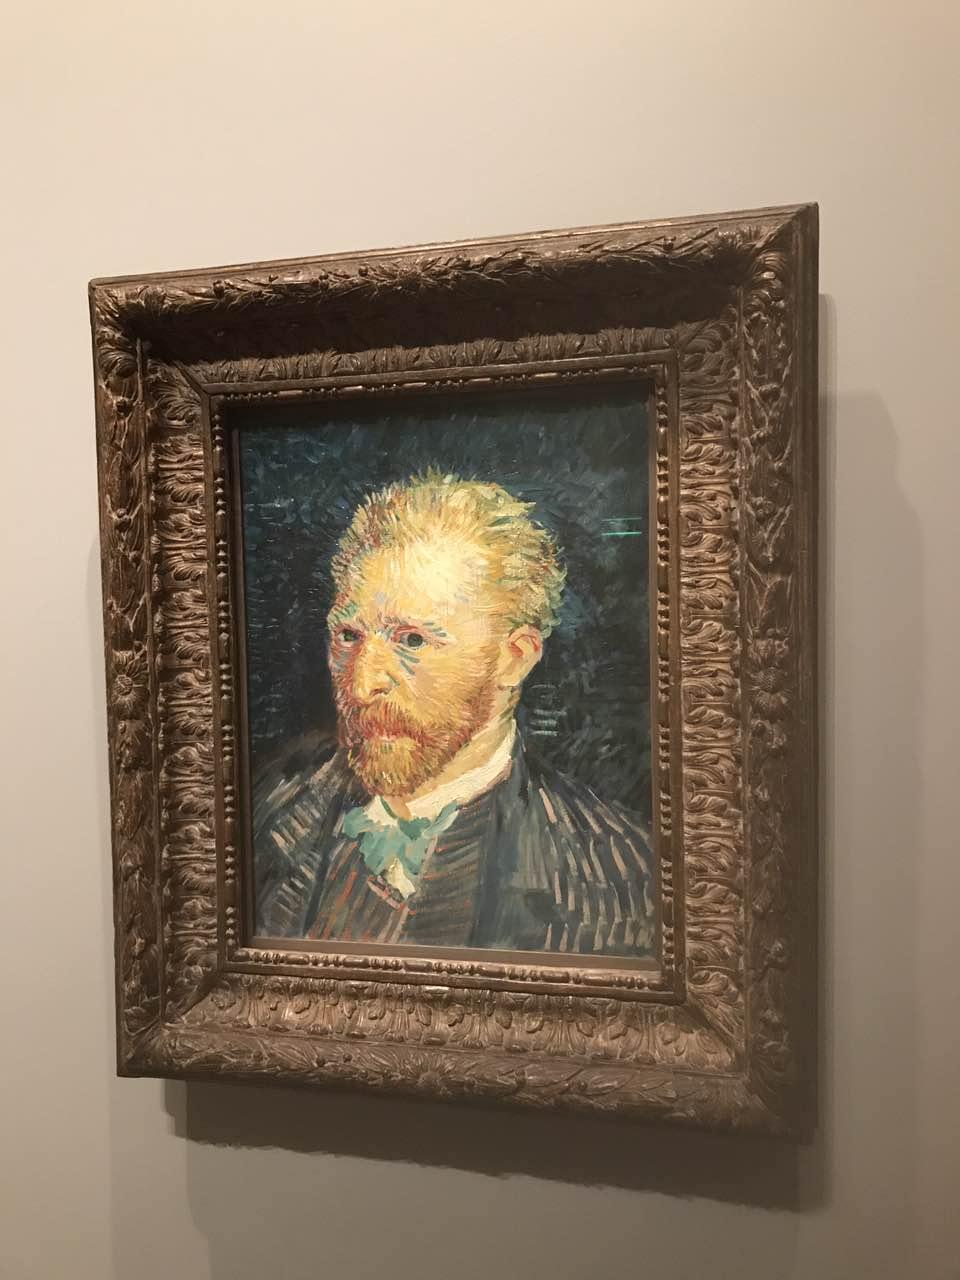 - Vincent Van Gogh's